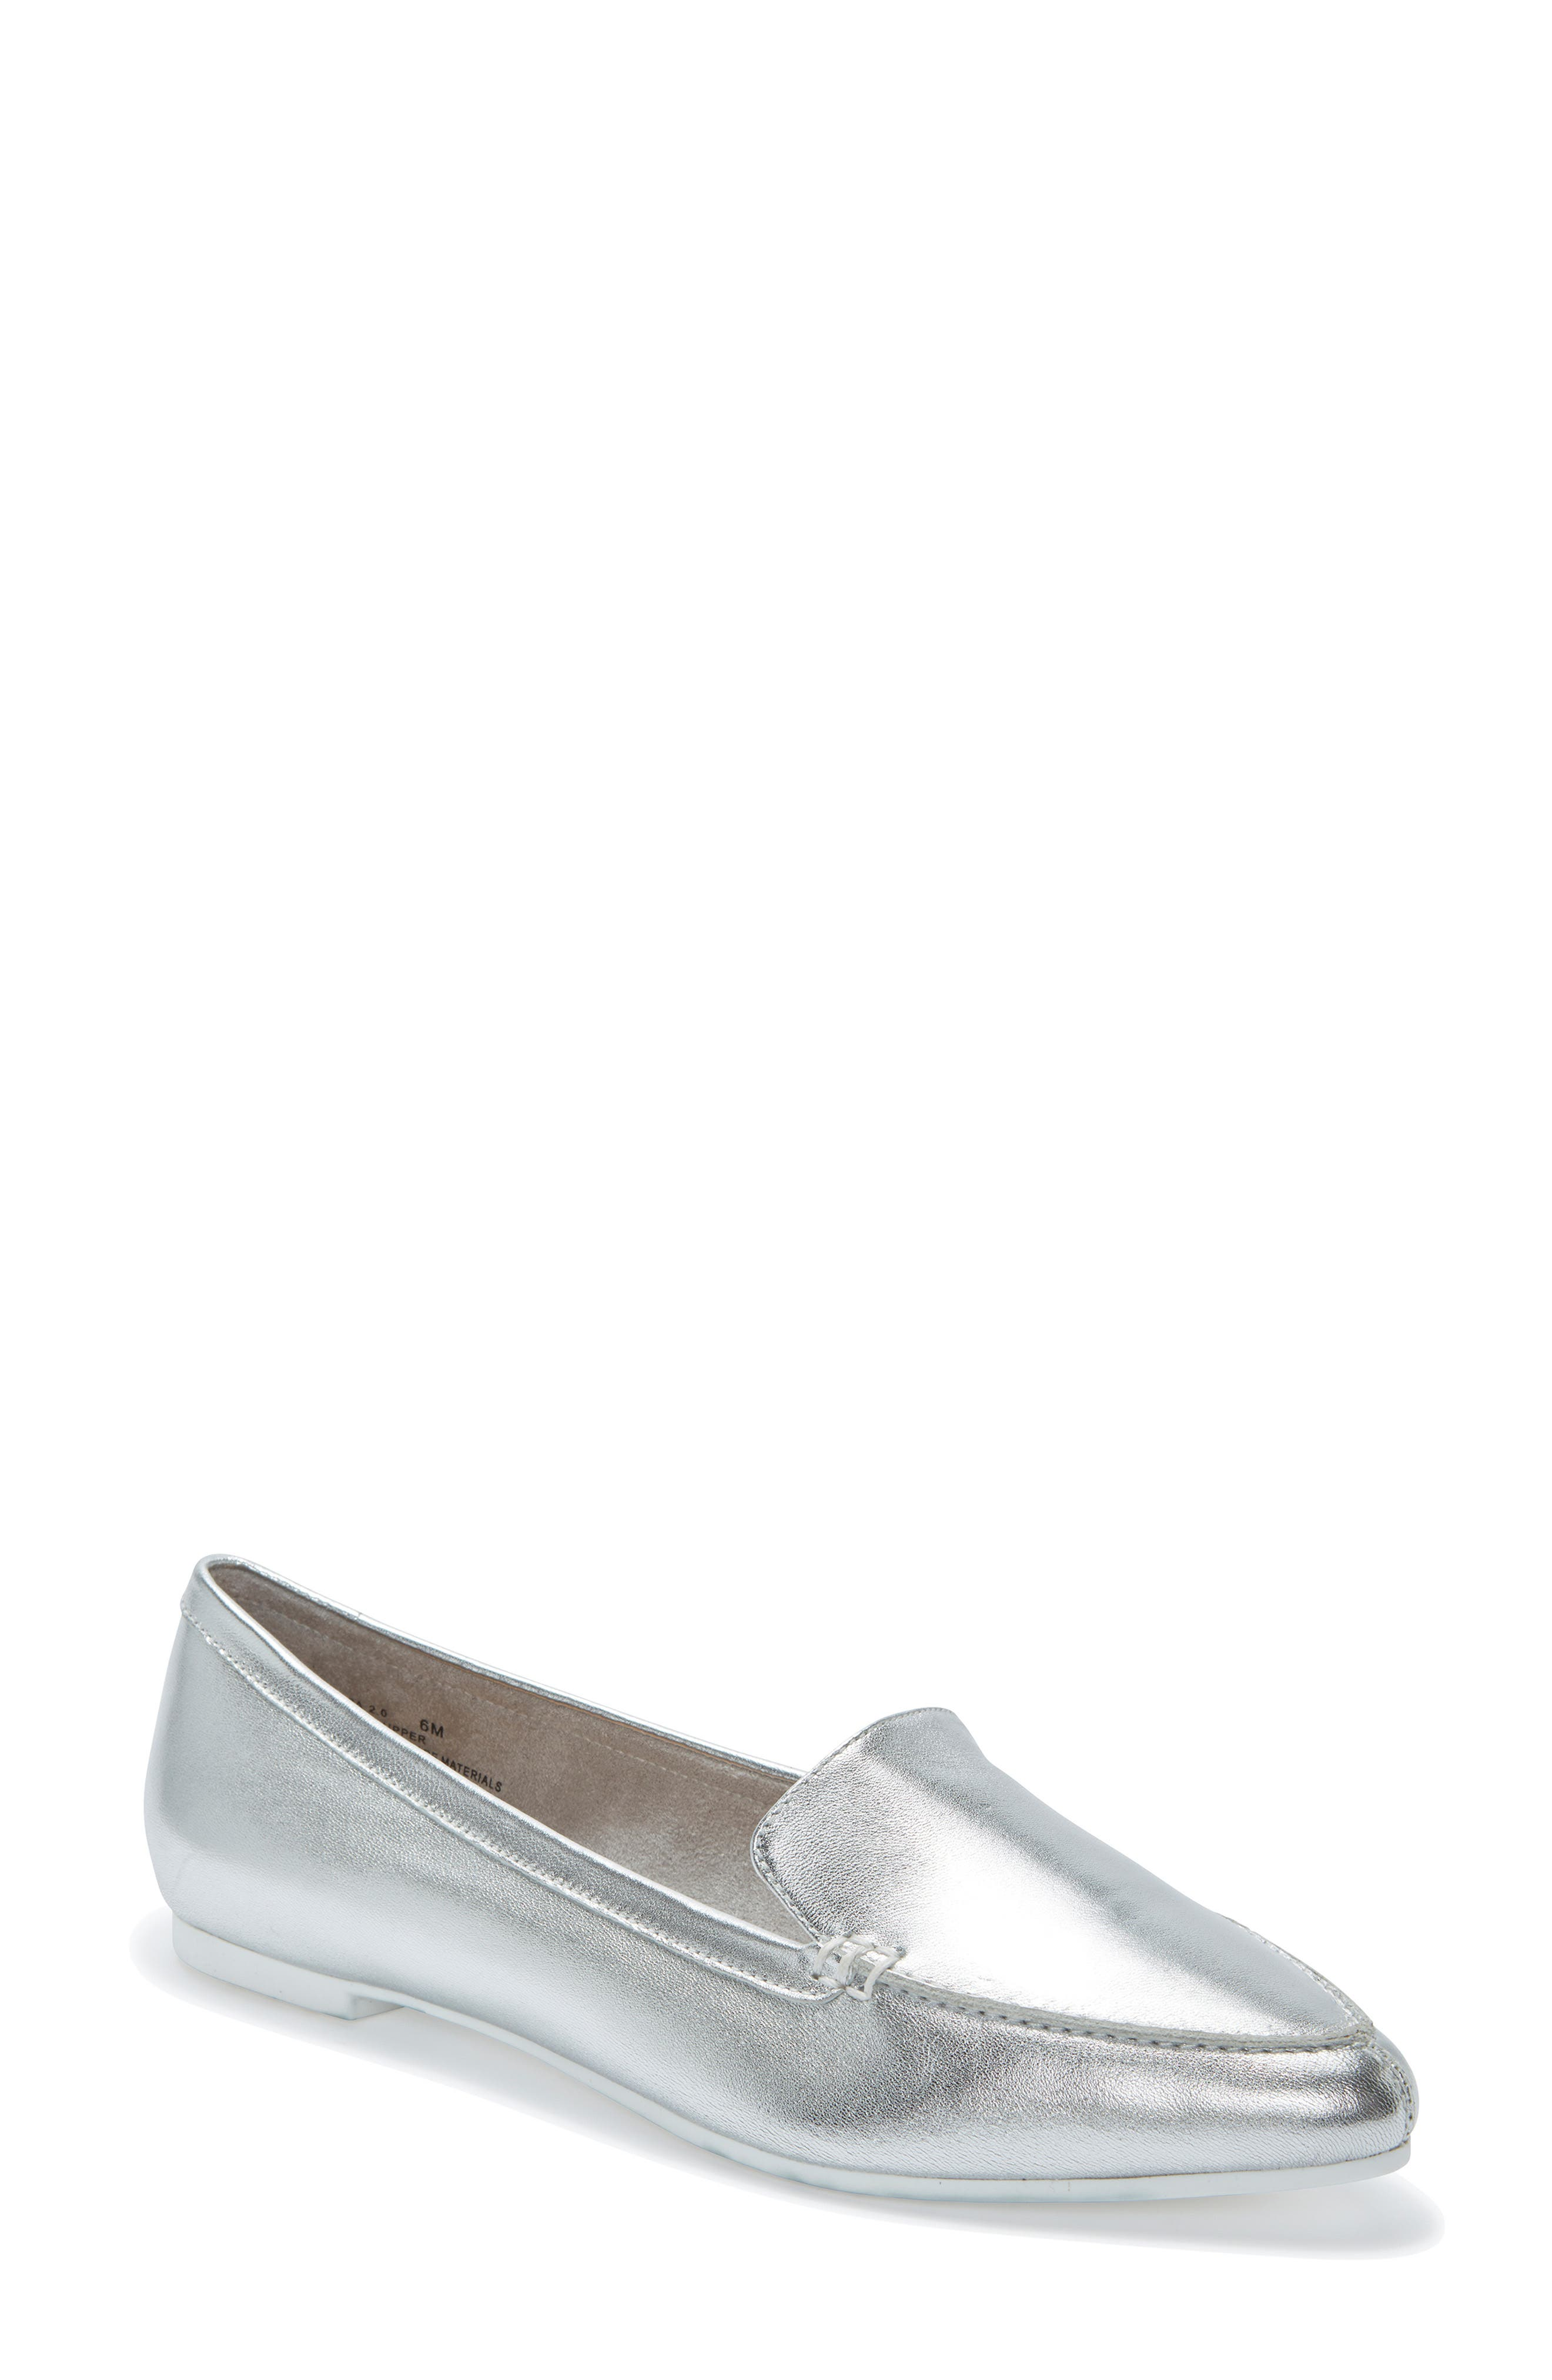 16ae231e183 Pink Me Too Shoes